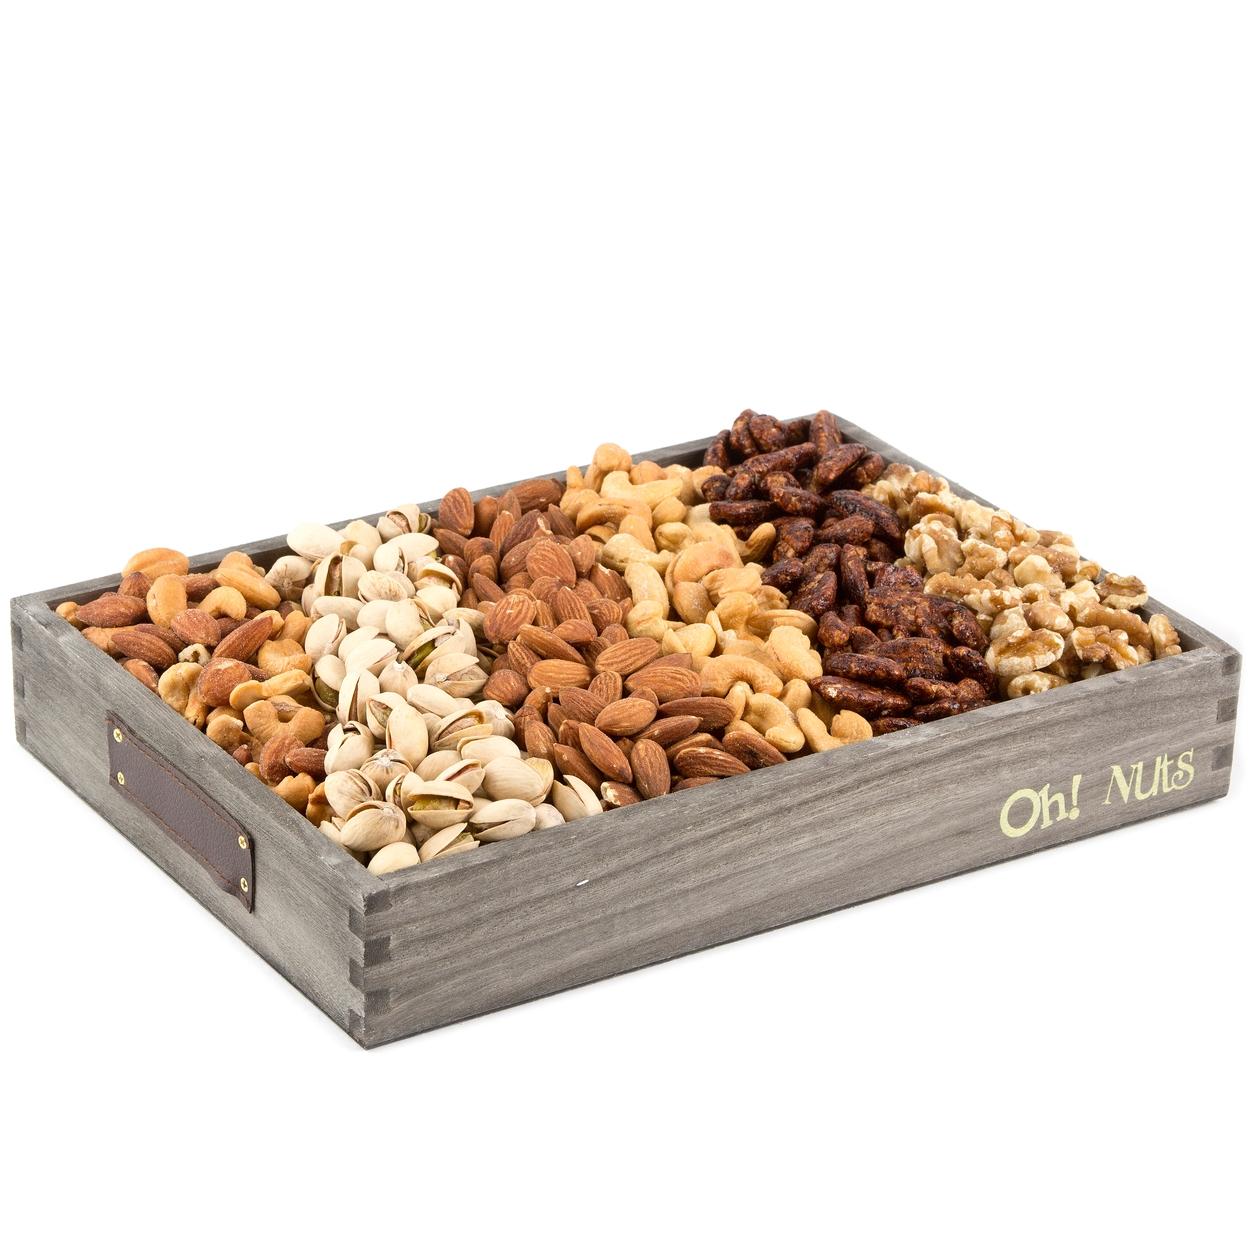 Wooden Nut Line-Up Gift Basket - Large  sc 1 st  Oh! Nuts & Wooden Nut Line-Up Gift Basket - Large u2022 Nut Gift Baskets u0026 Platters ...